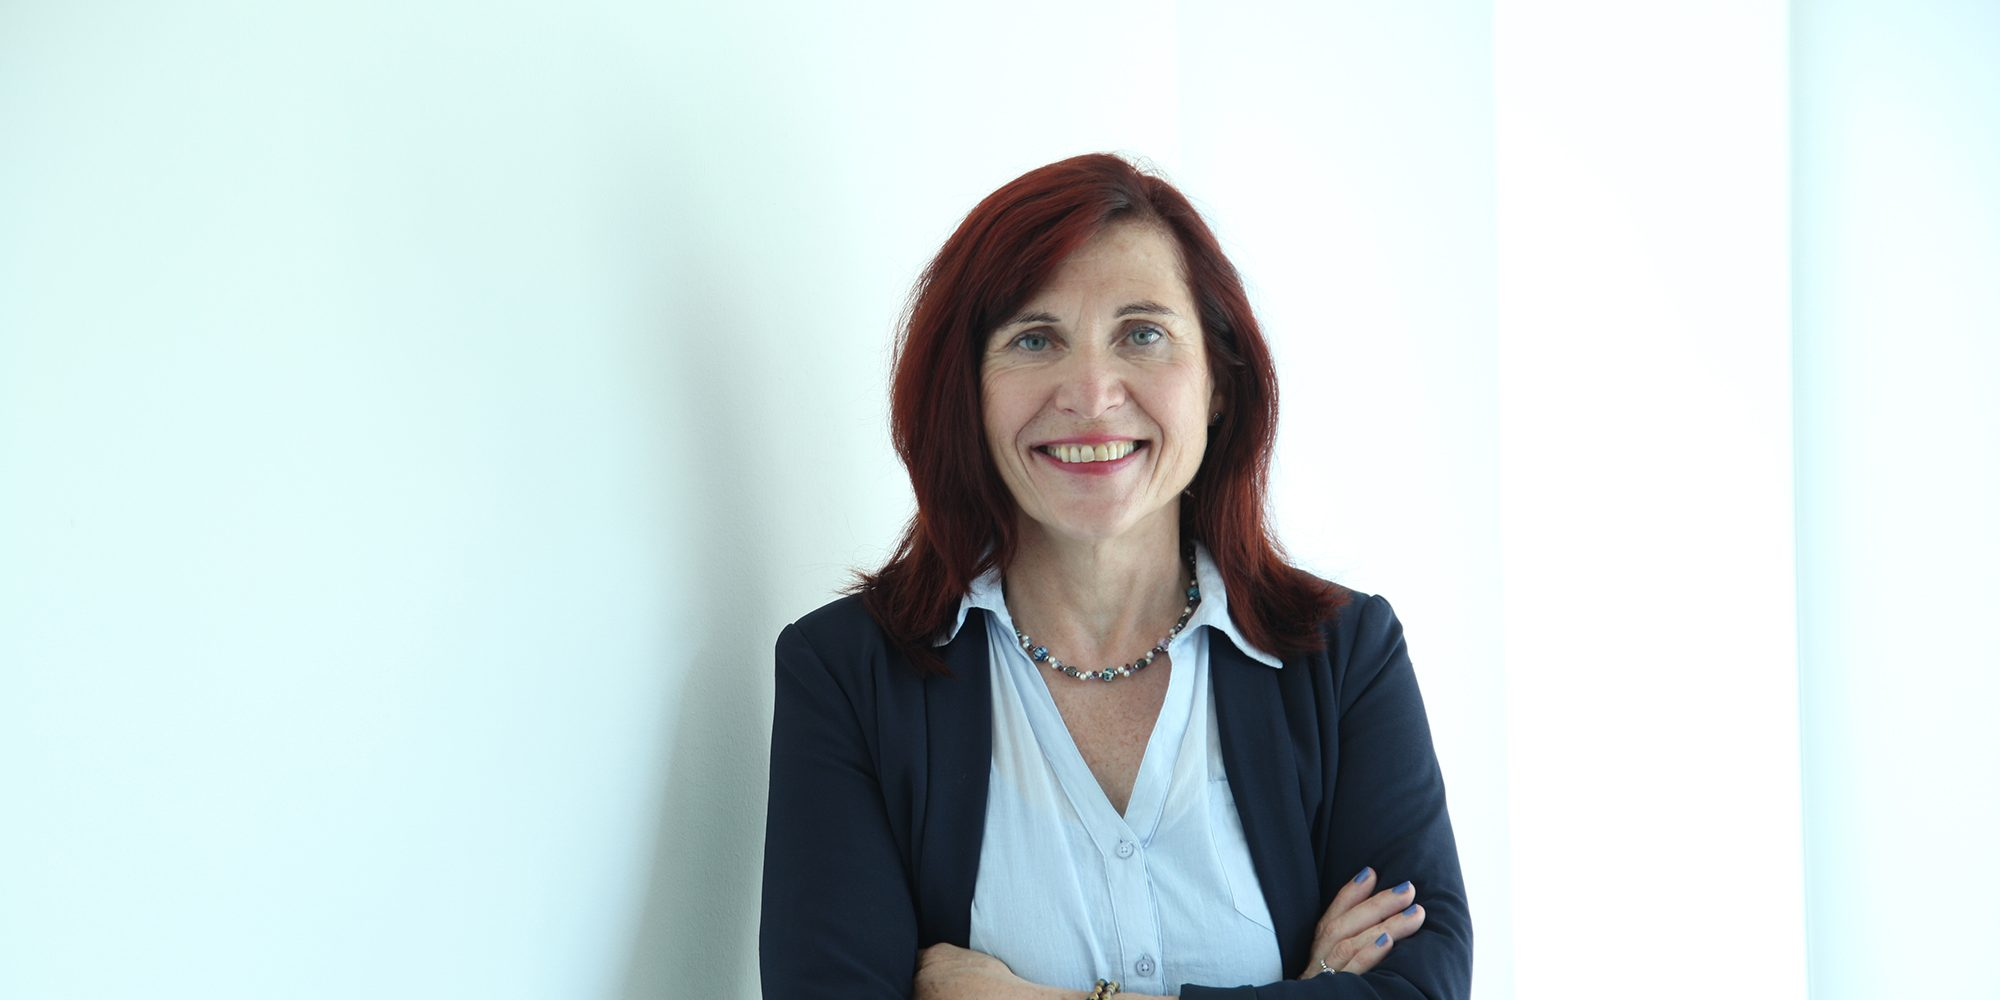 Social-Business-Women-Sigrid-Knorr-Beitragsbild3-e1501512201905